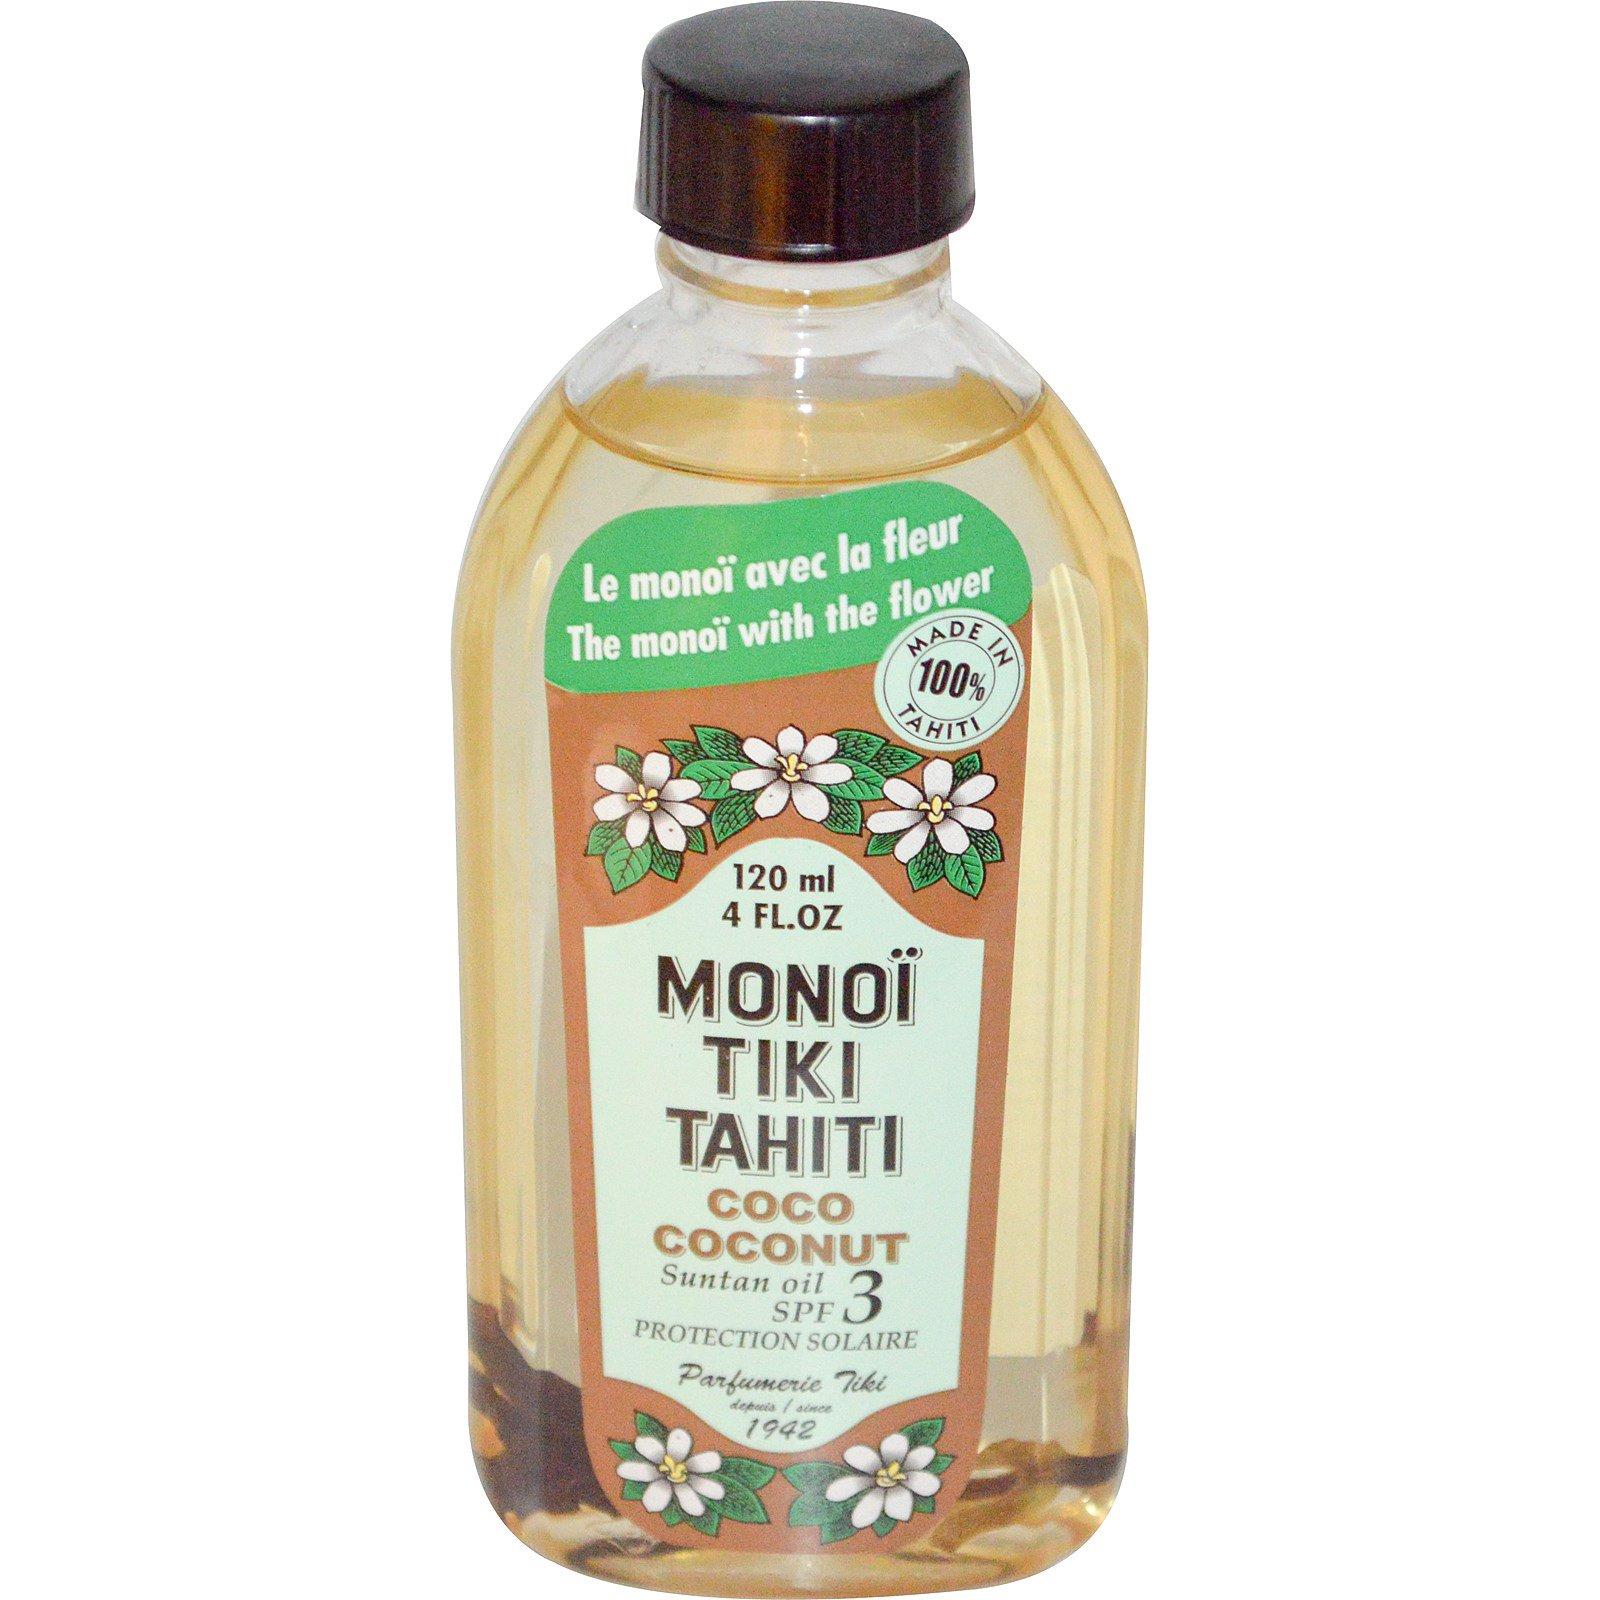 Monoi Tiare Tahiti, Кокосовое, укрепляющее масло SPF 3, с солнцезащитным эффектом, 120 мл (4 жидких унций)